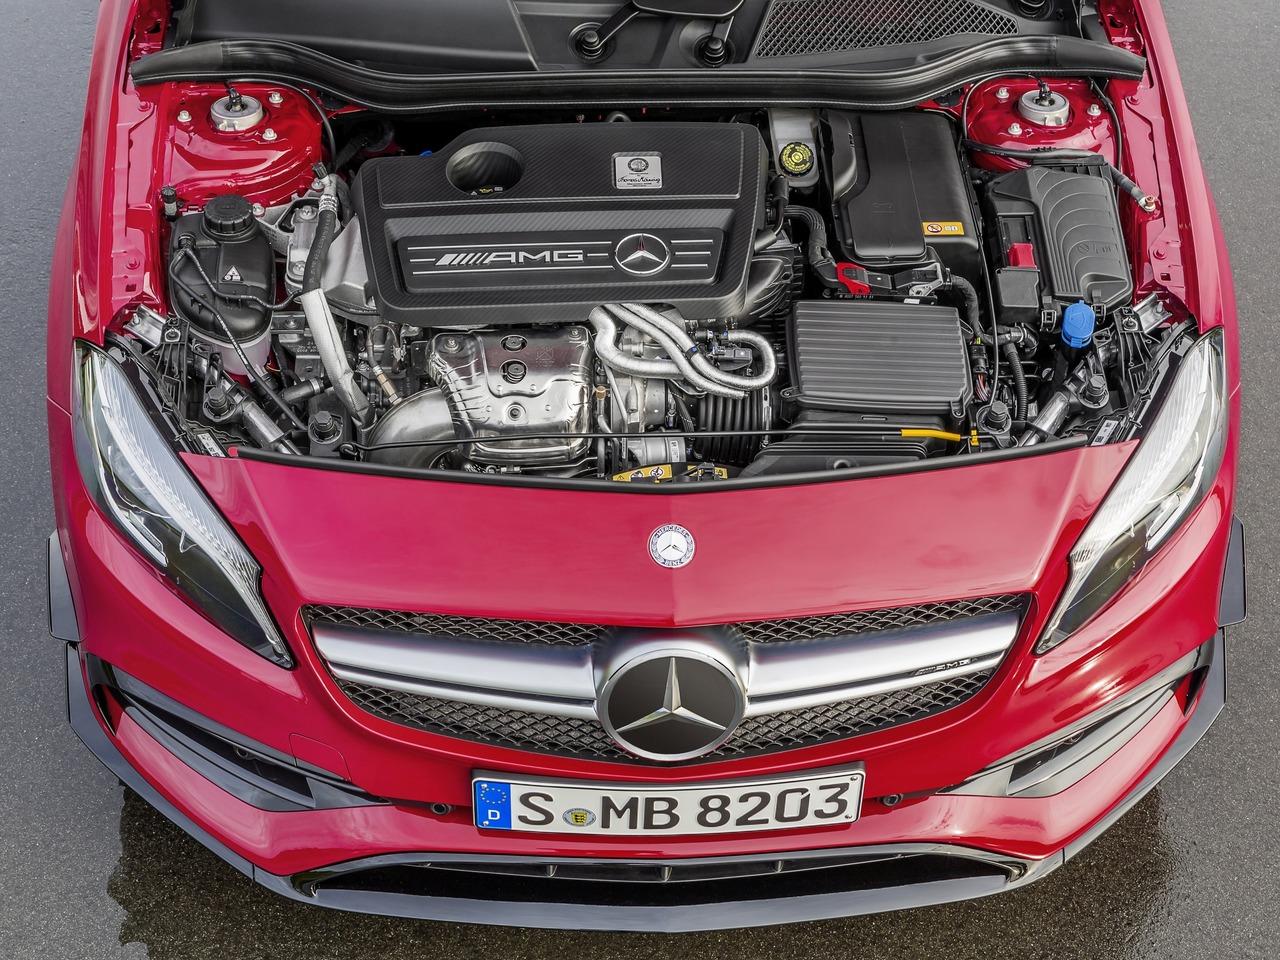 Снимки: Mercedes-benz A-klasse AMG